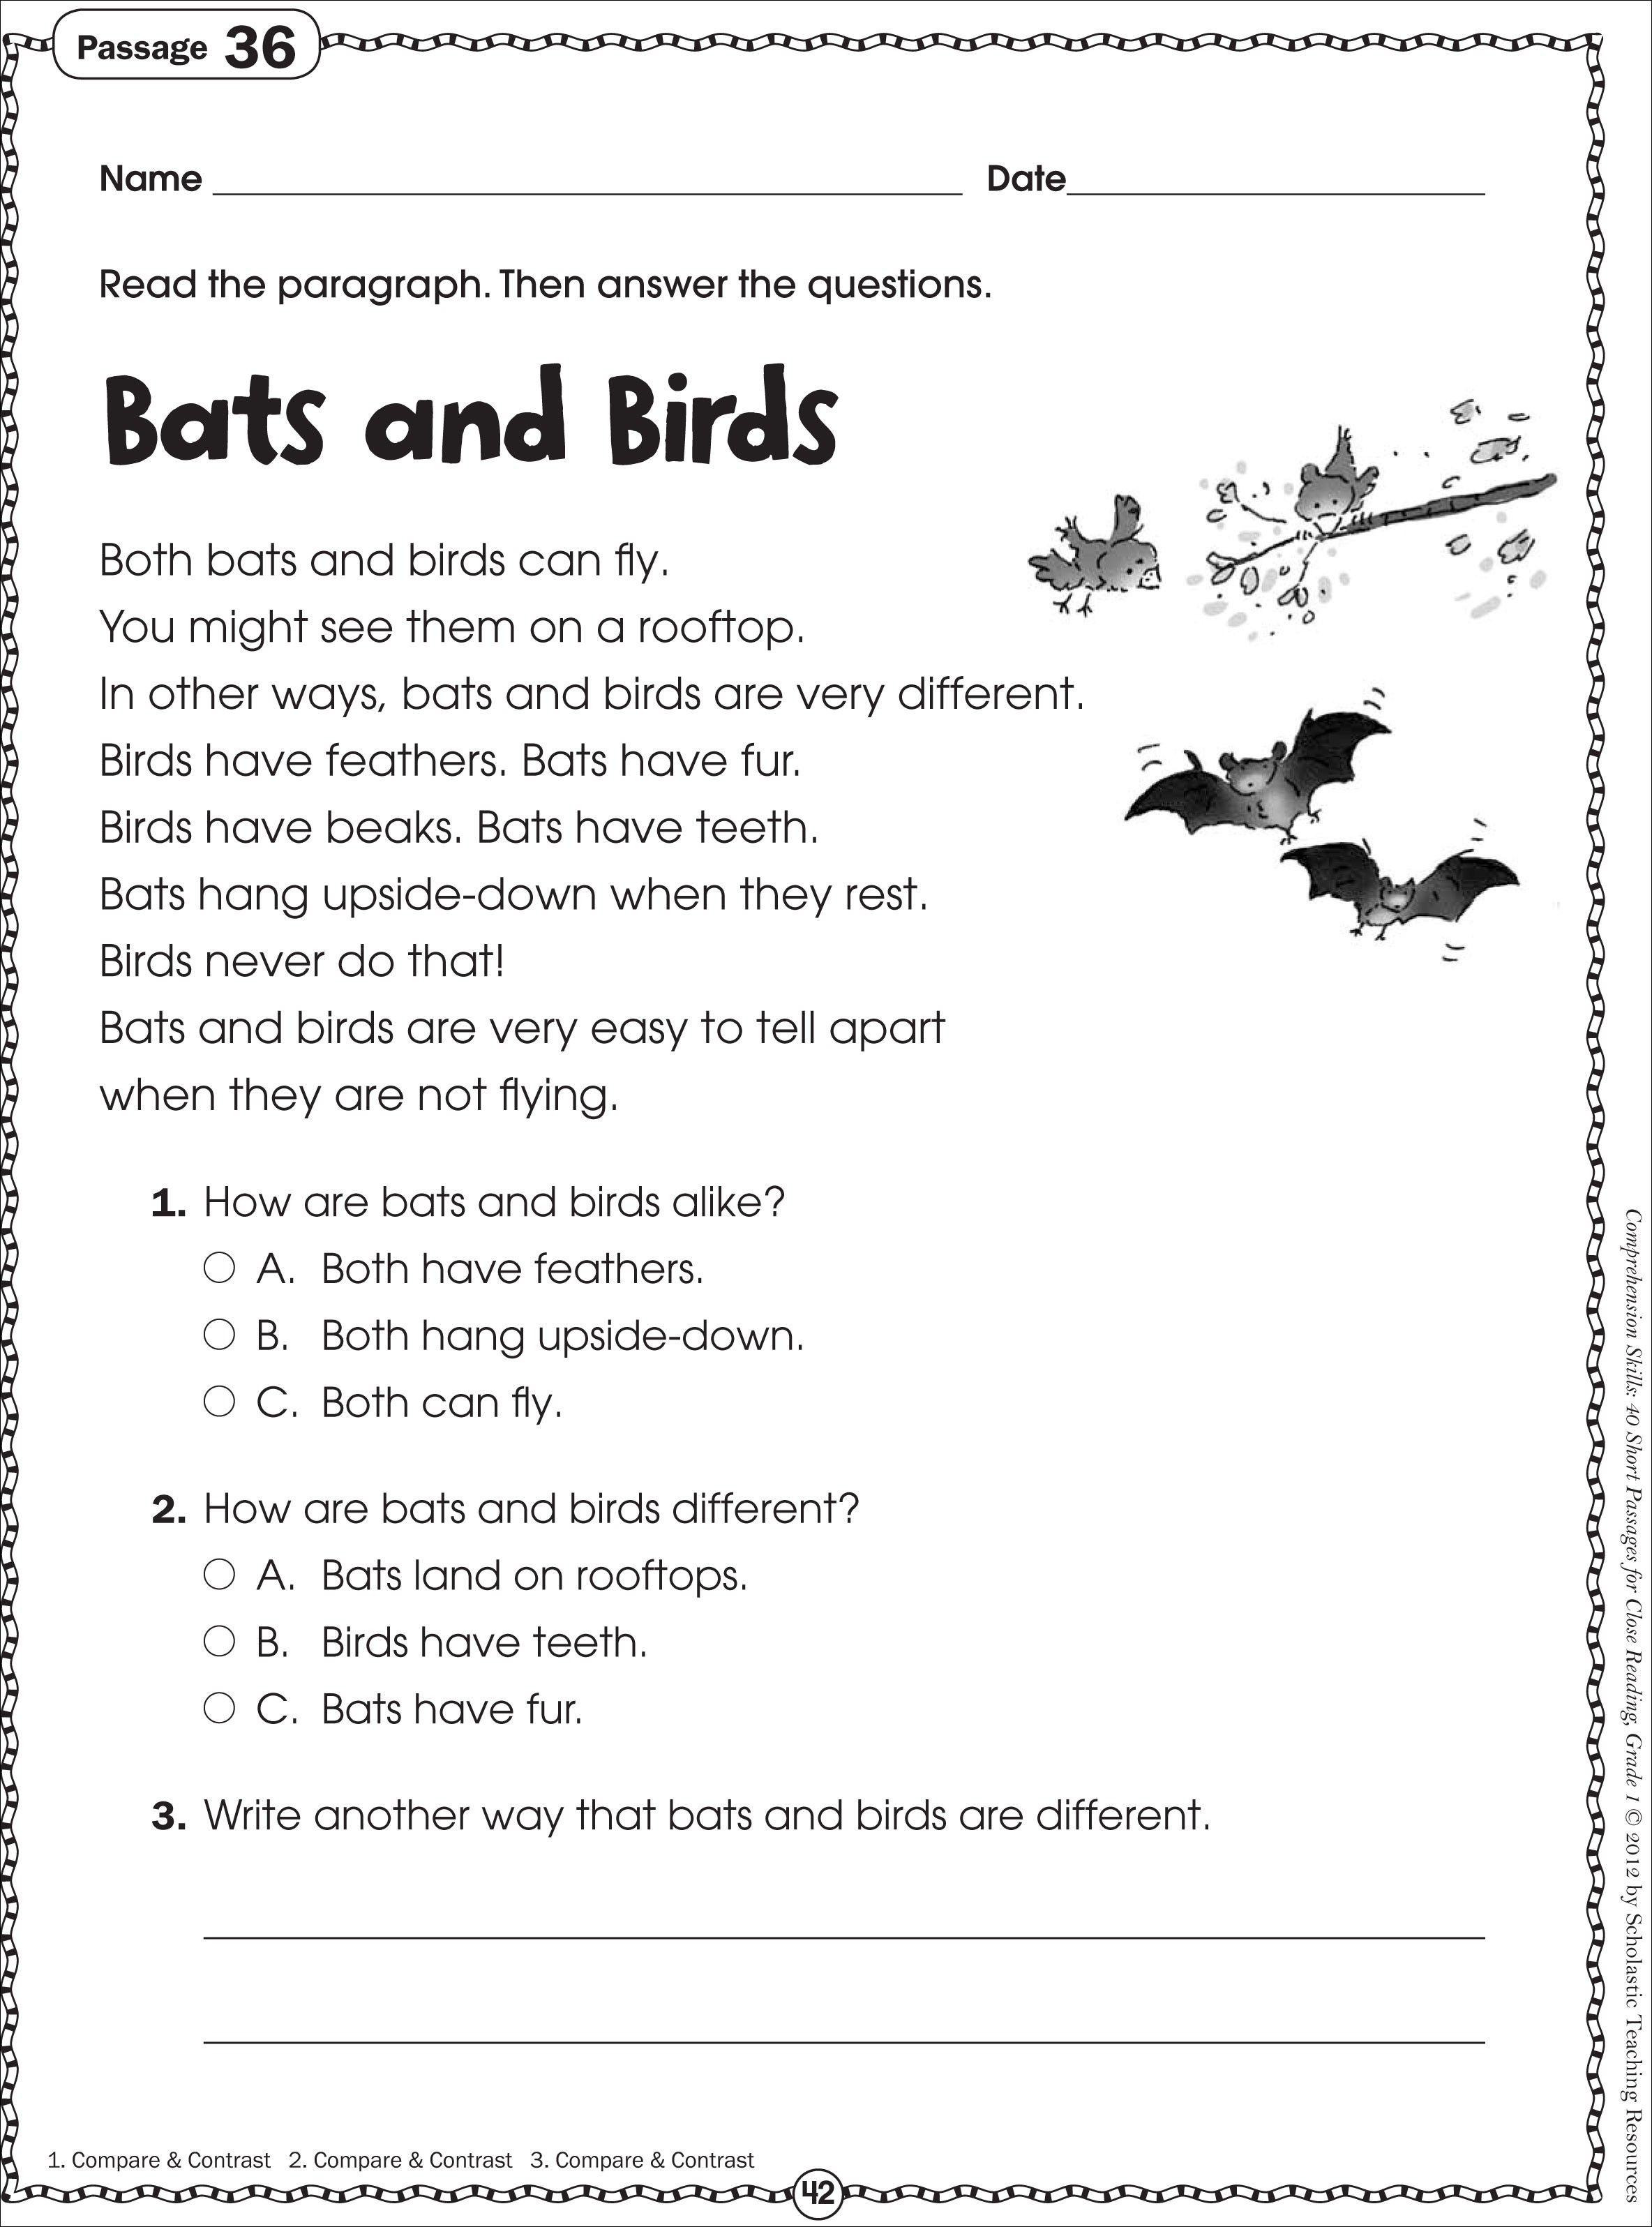 17 Best 1st Grade Comprehension Worksheets To Print Images